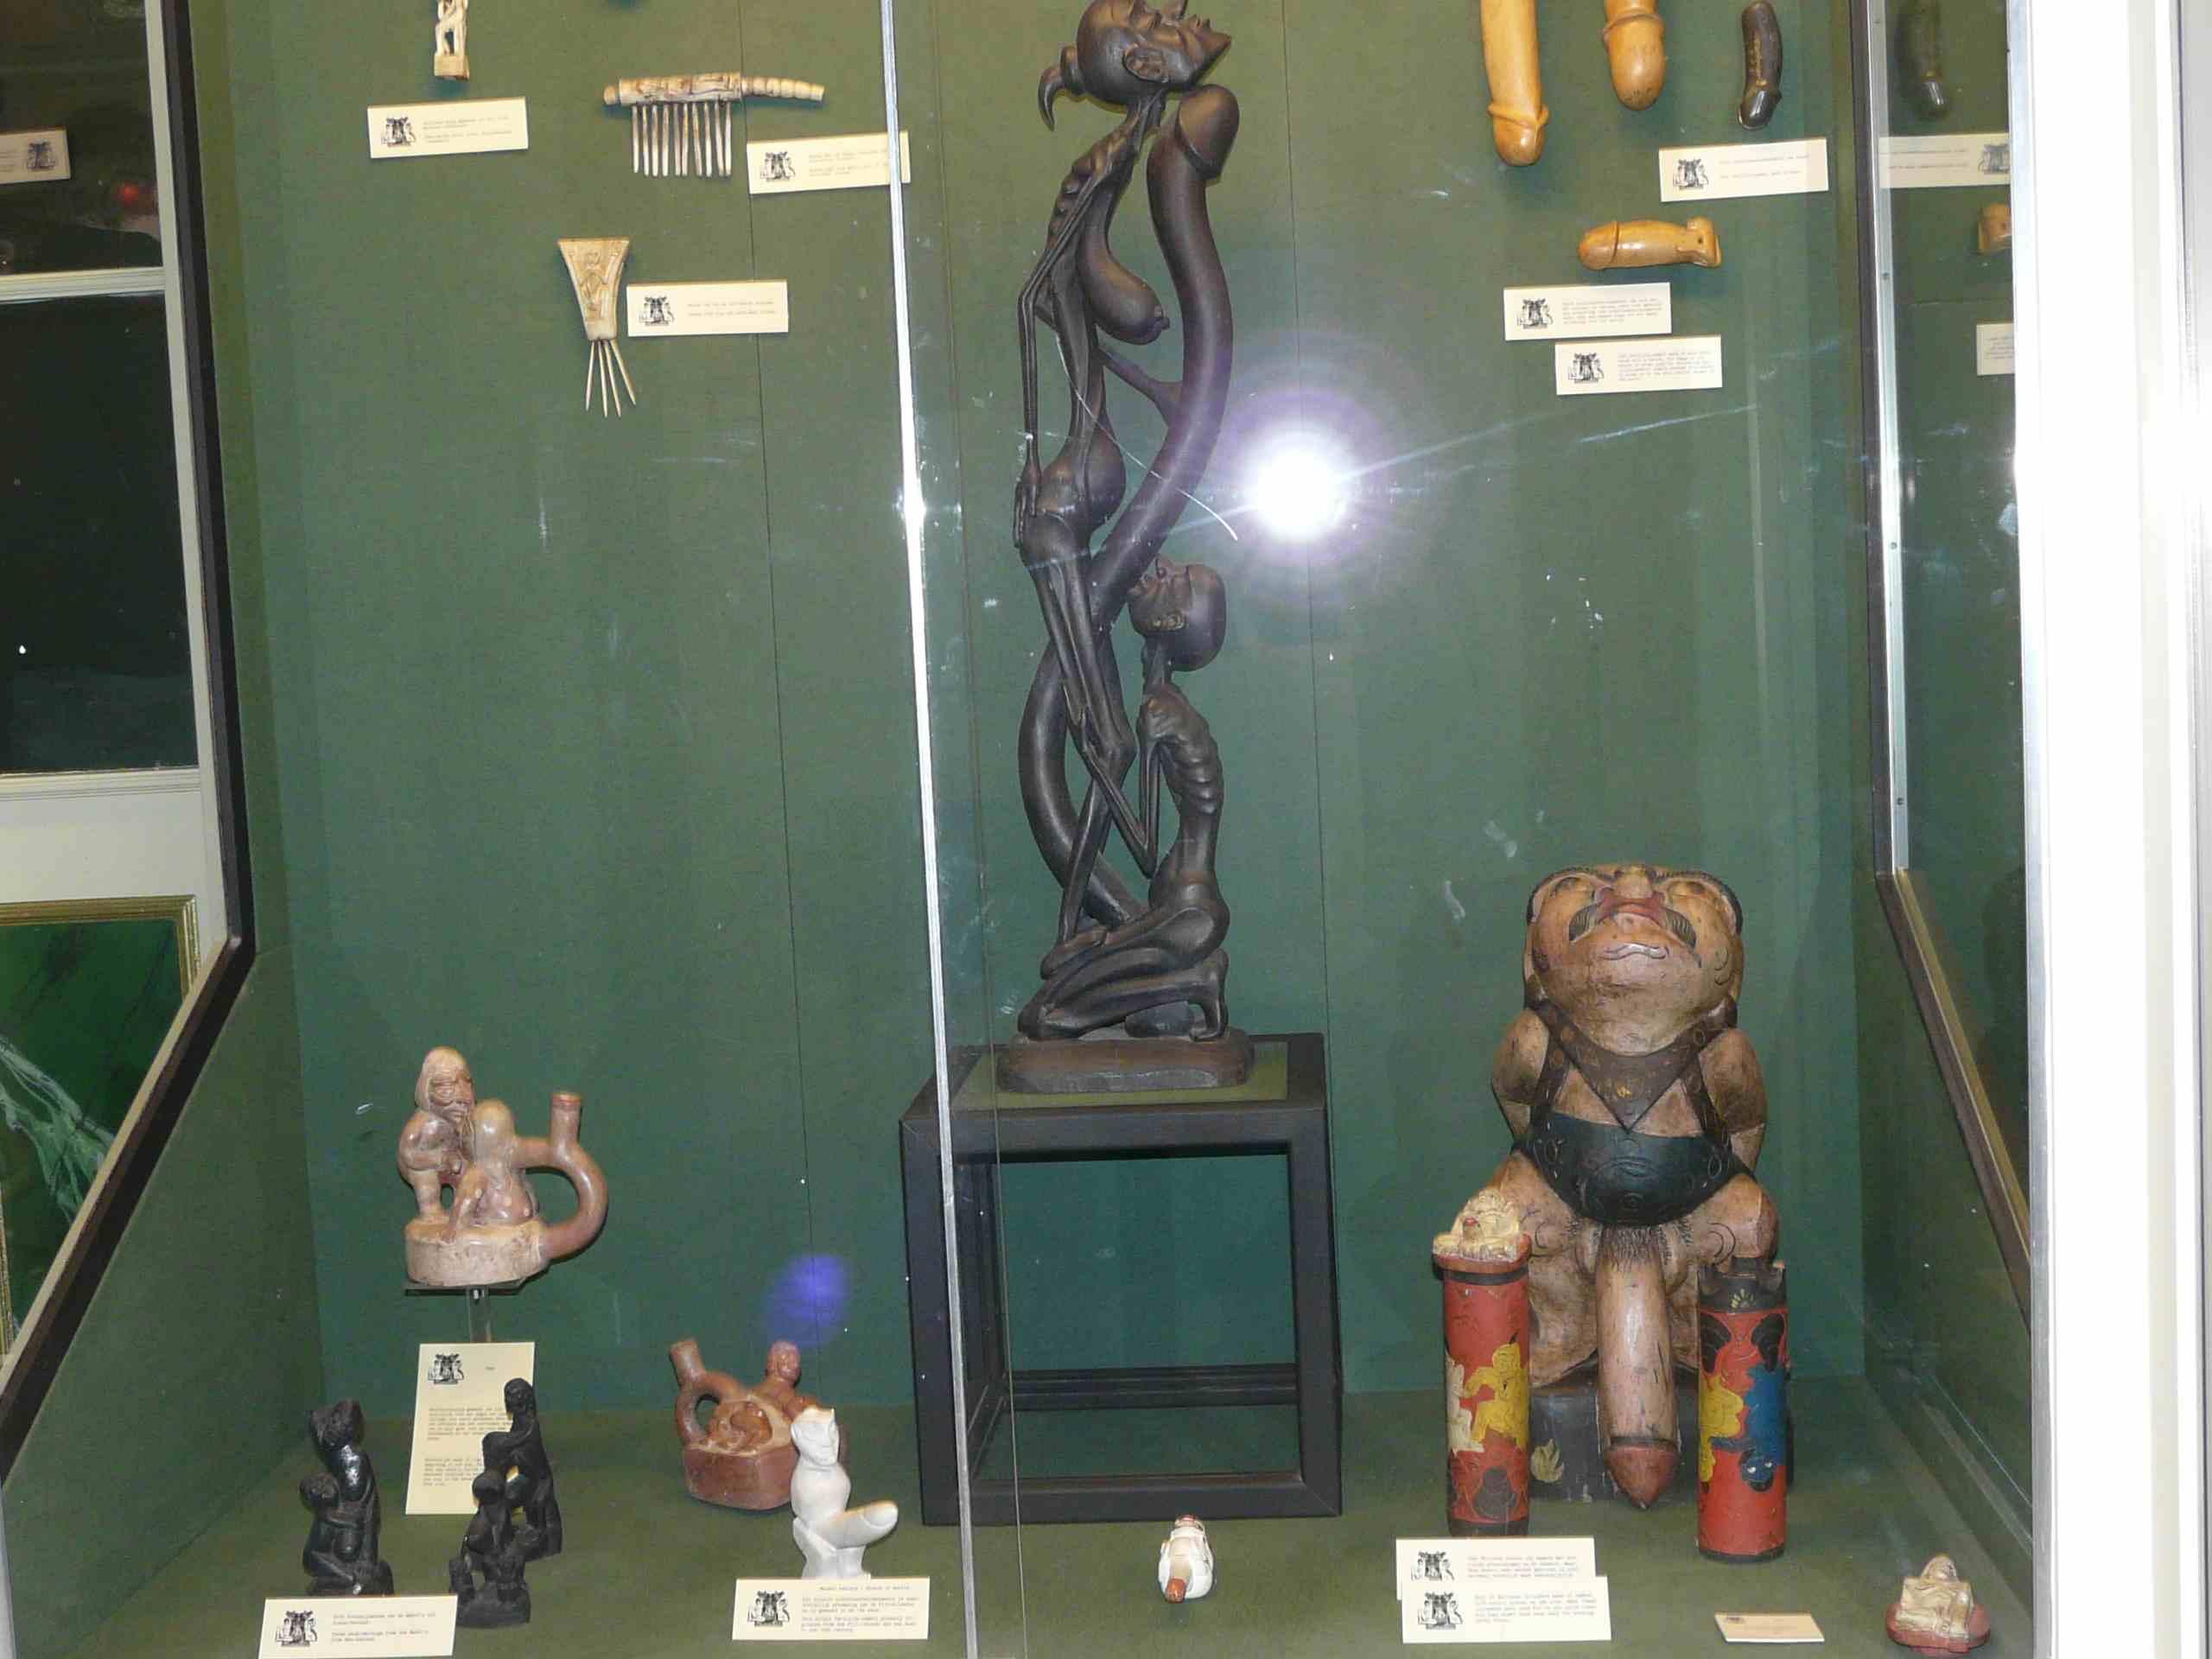 Секс музеи 2010